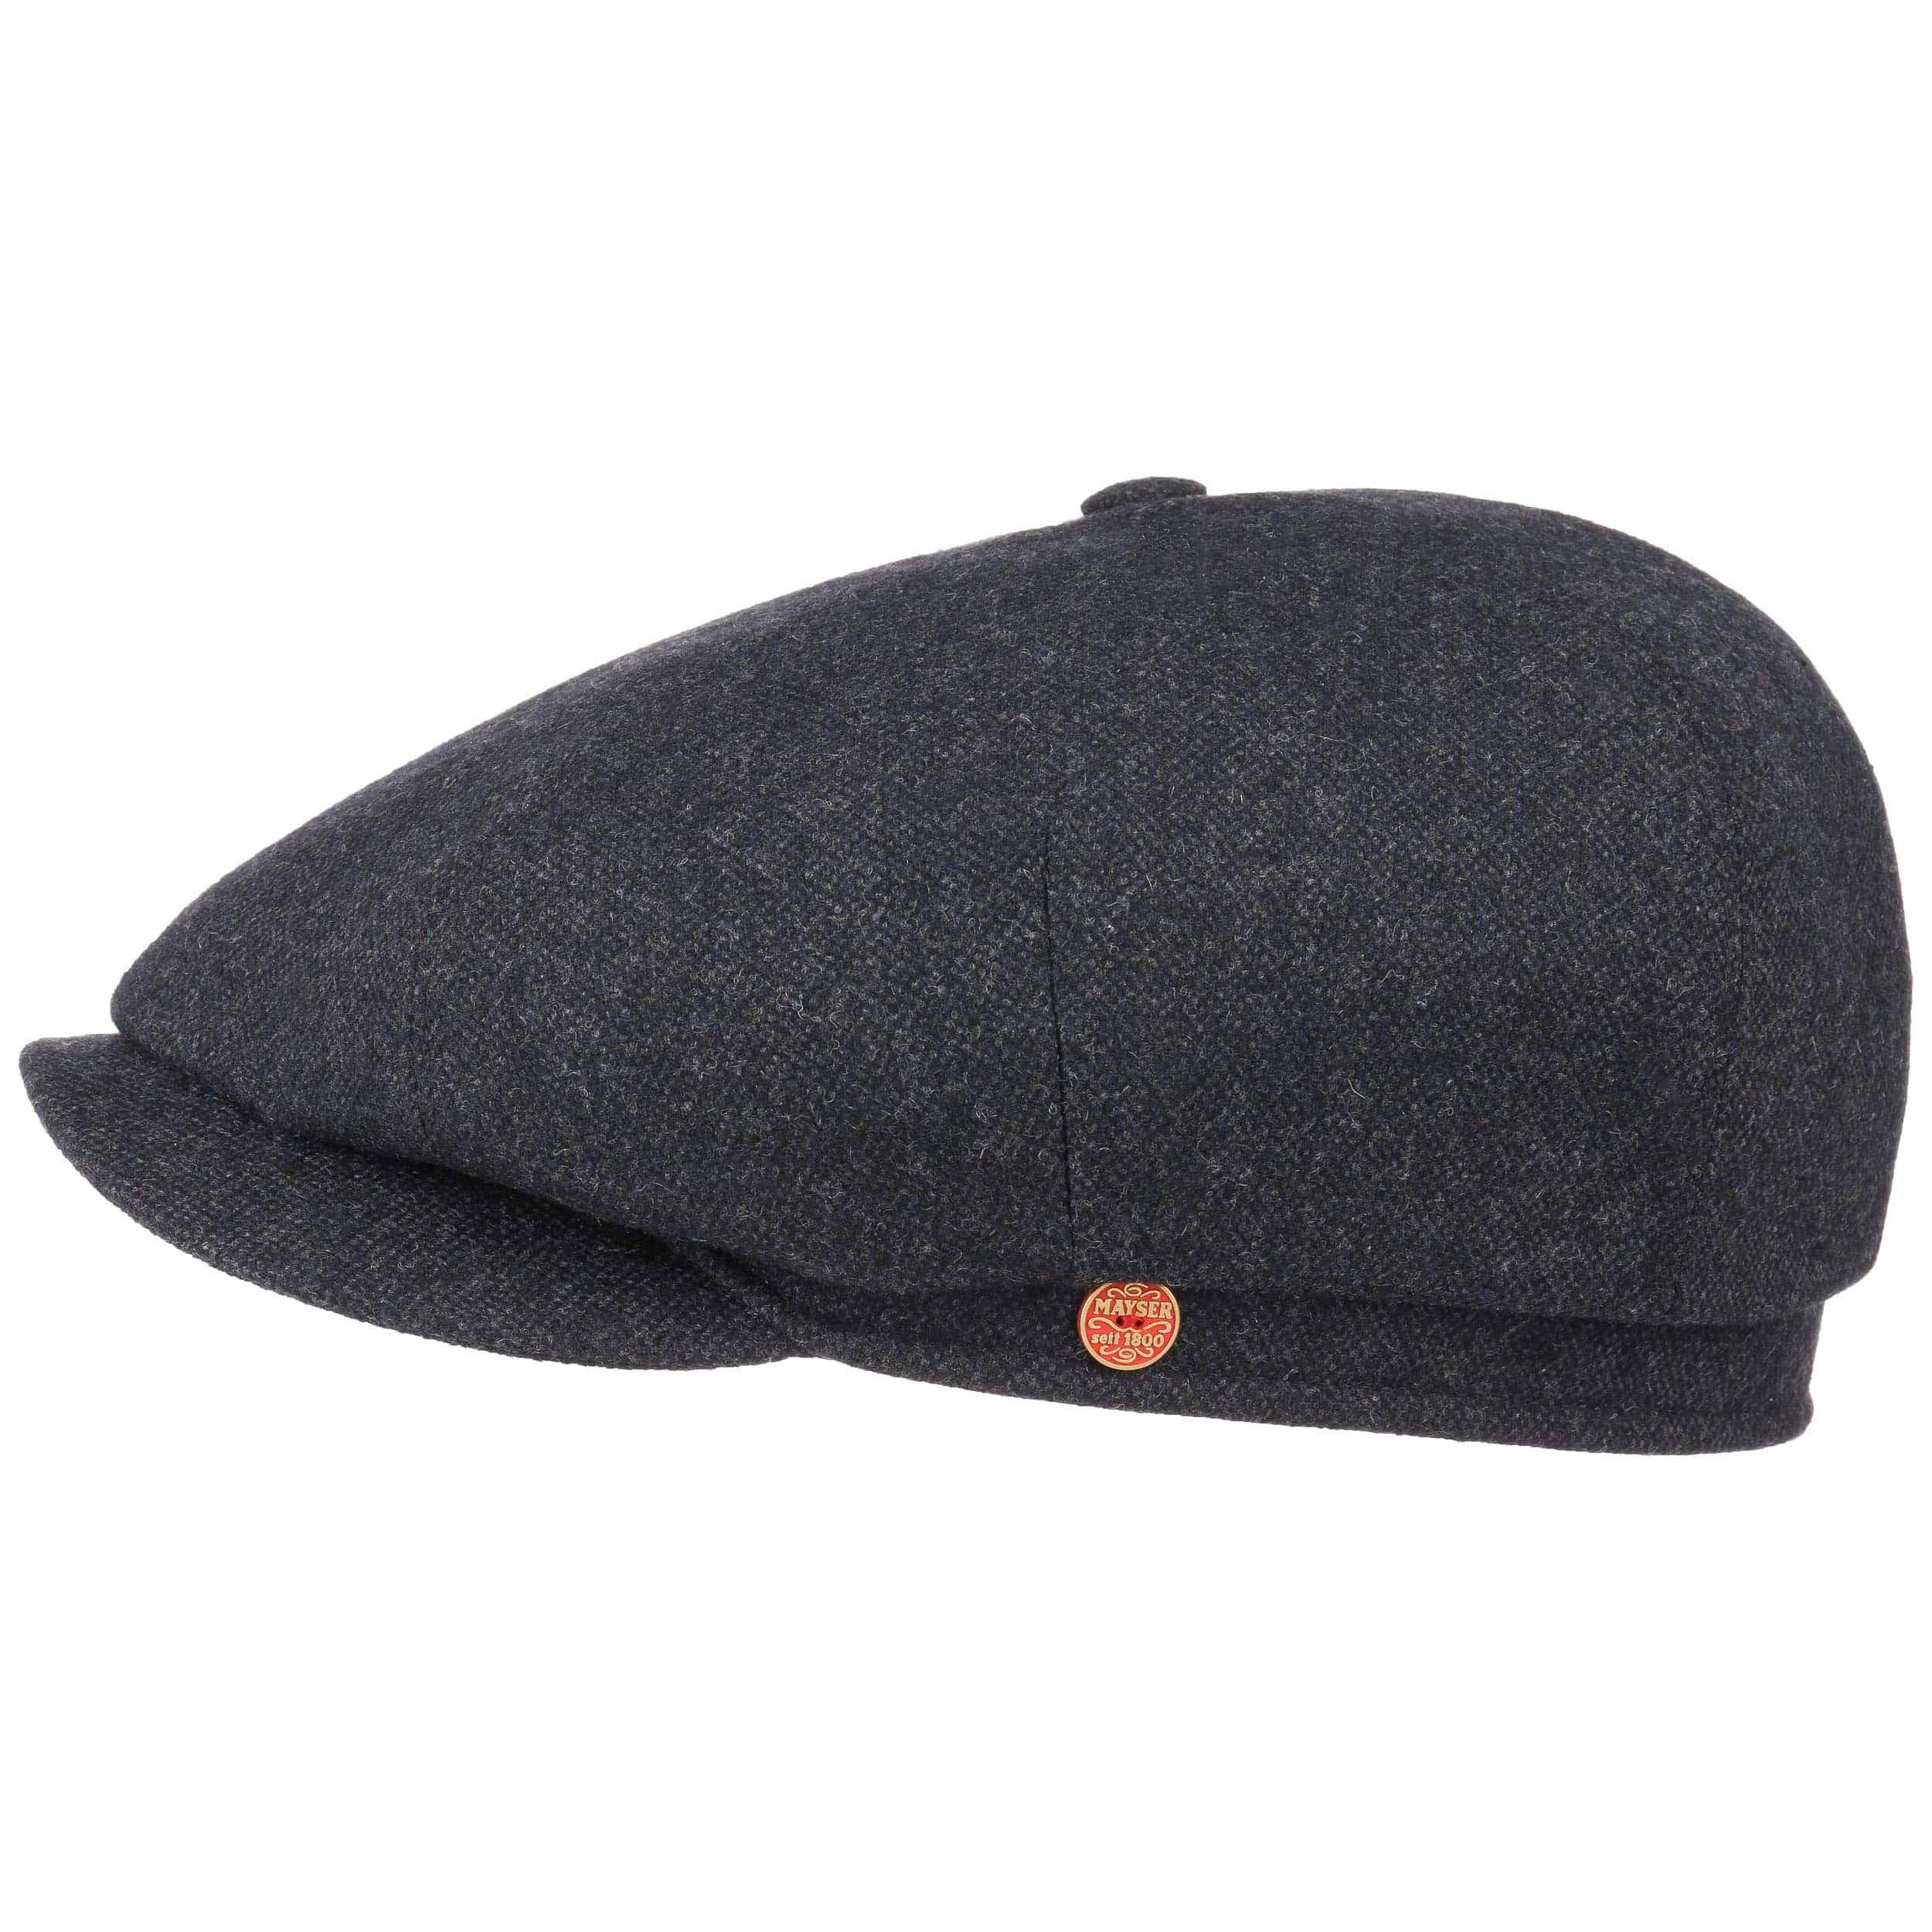 Gorra Seven Casual Tweed by Mayser - Gorras - sombreroshop.es 96601feeca9